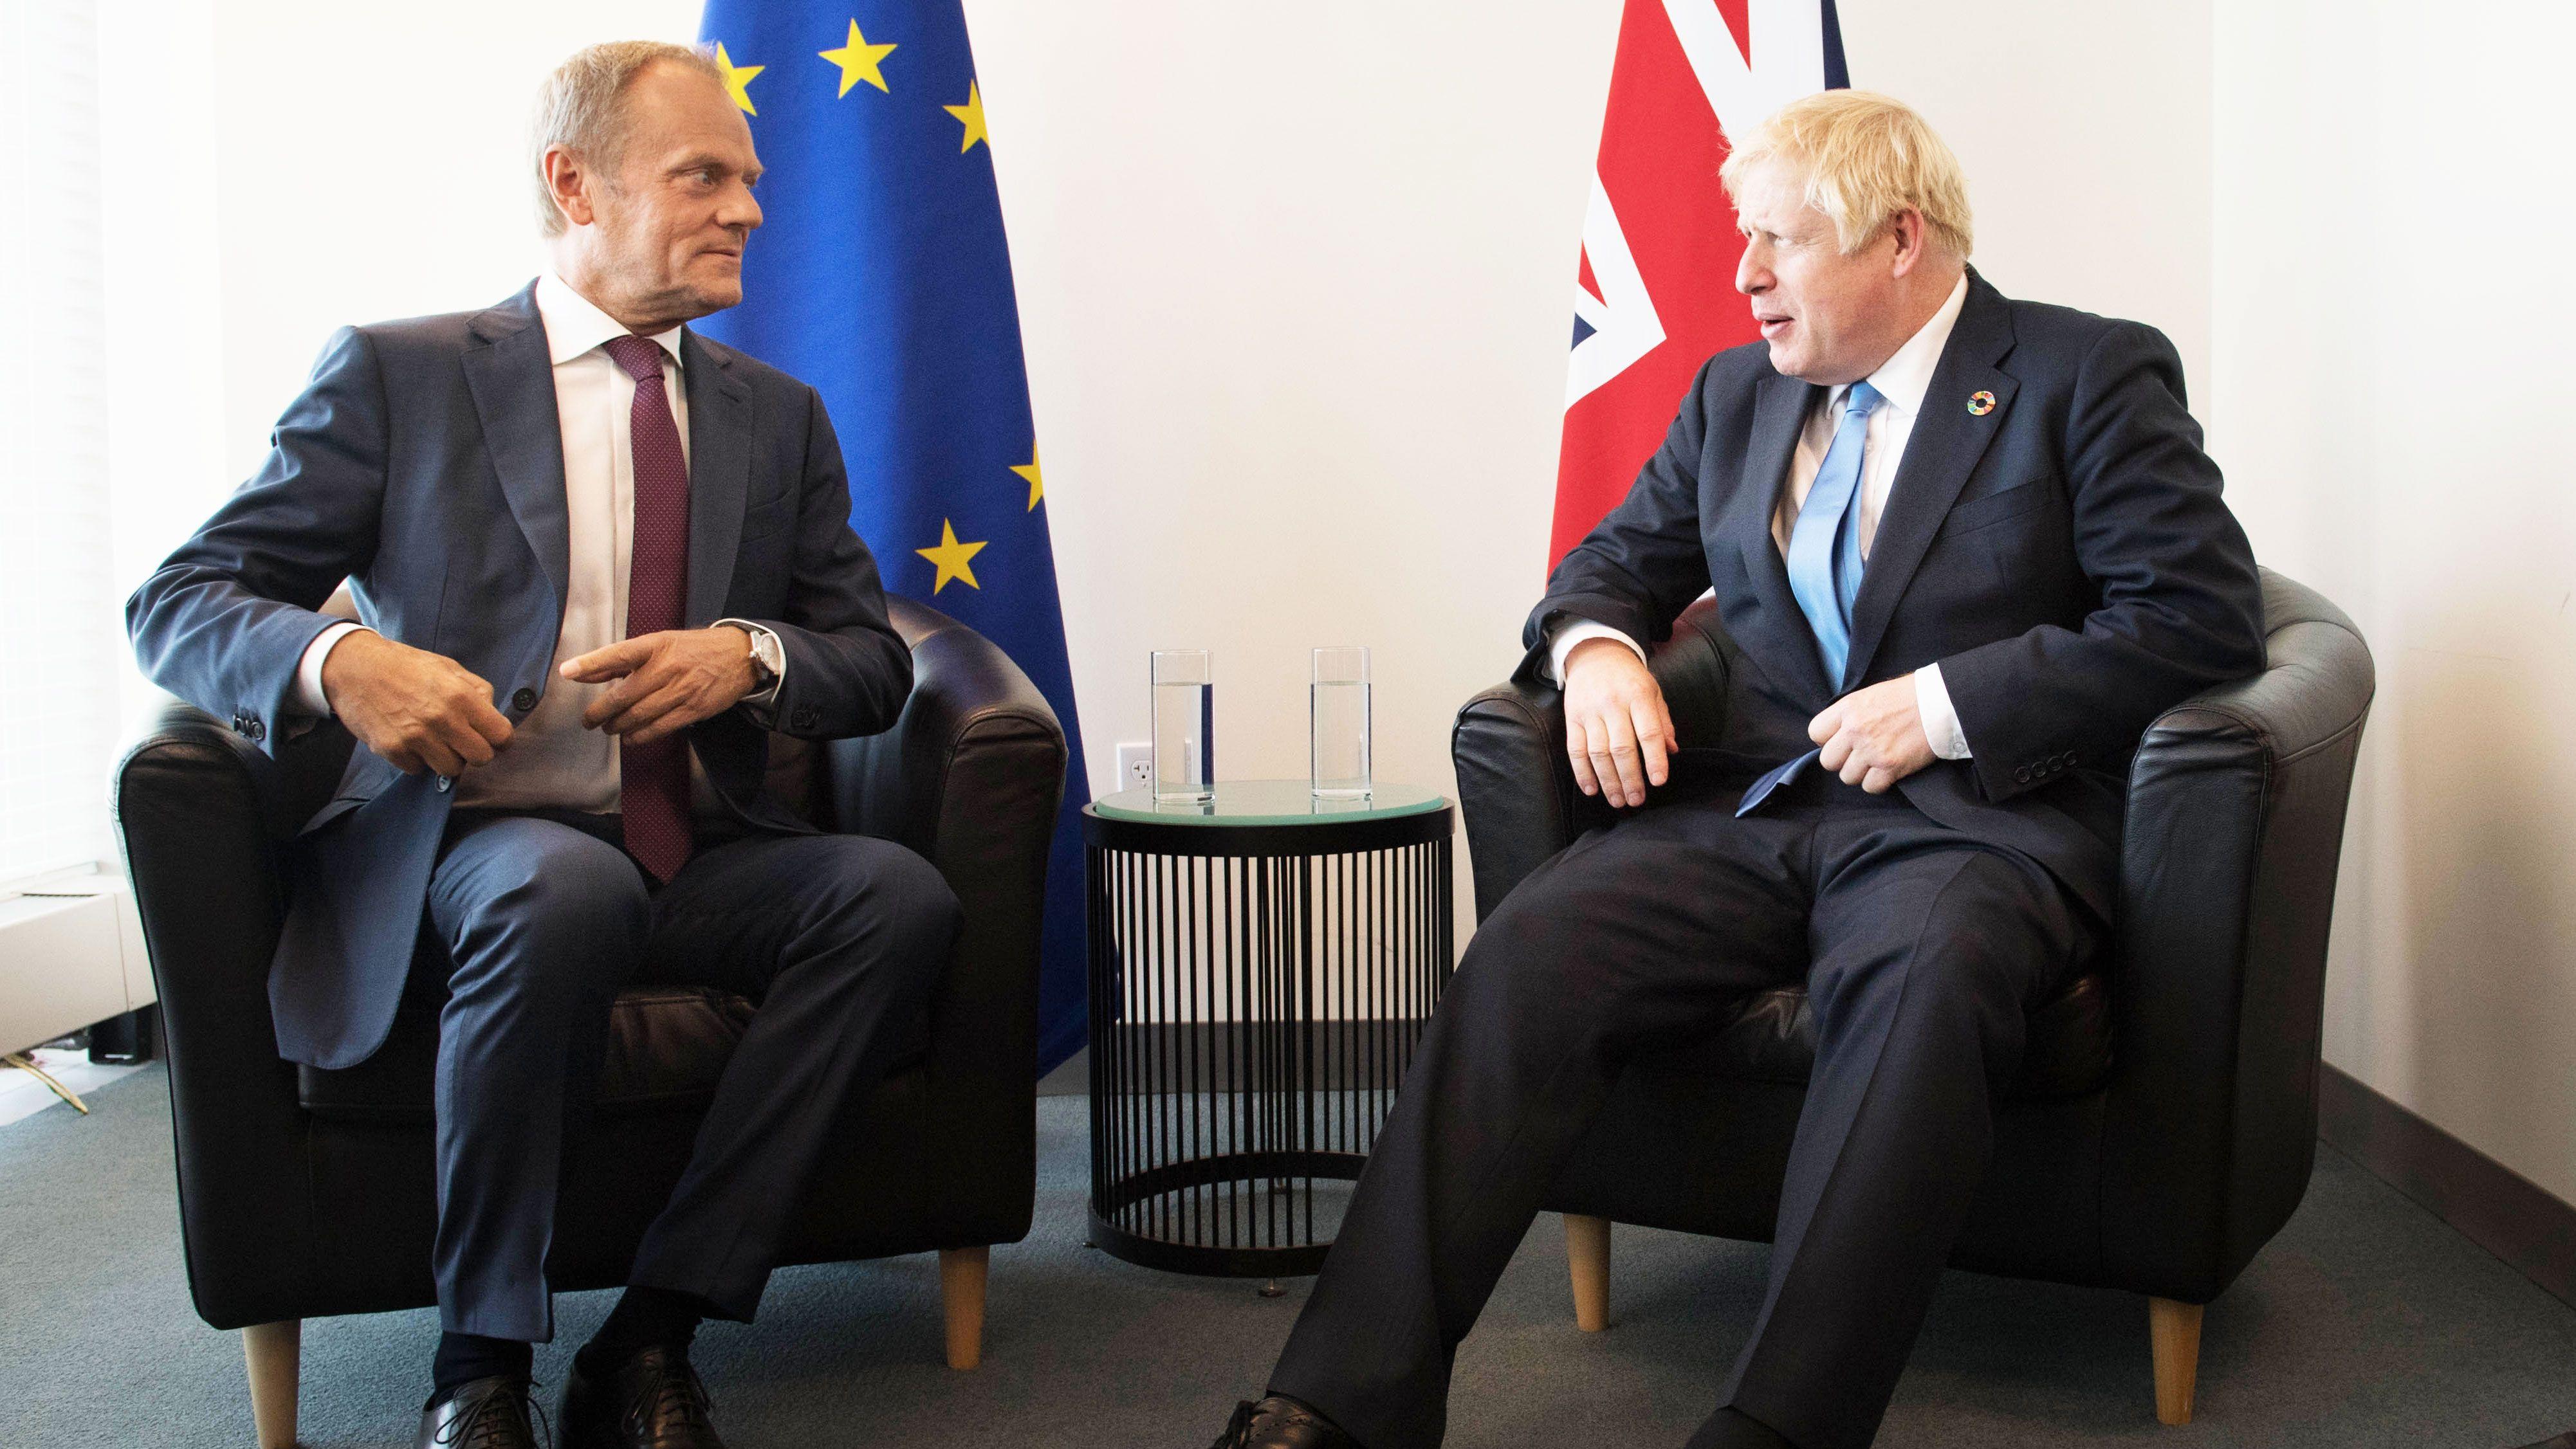 Der britische Premier Boris Johnson und EU-Ratspräsident Donald Tusk am 23. September bei den Vereinten Nationen in New York.